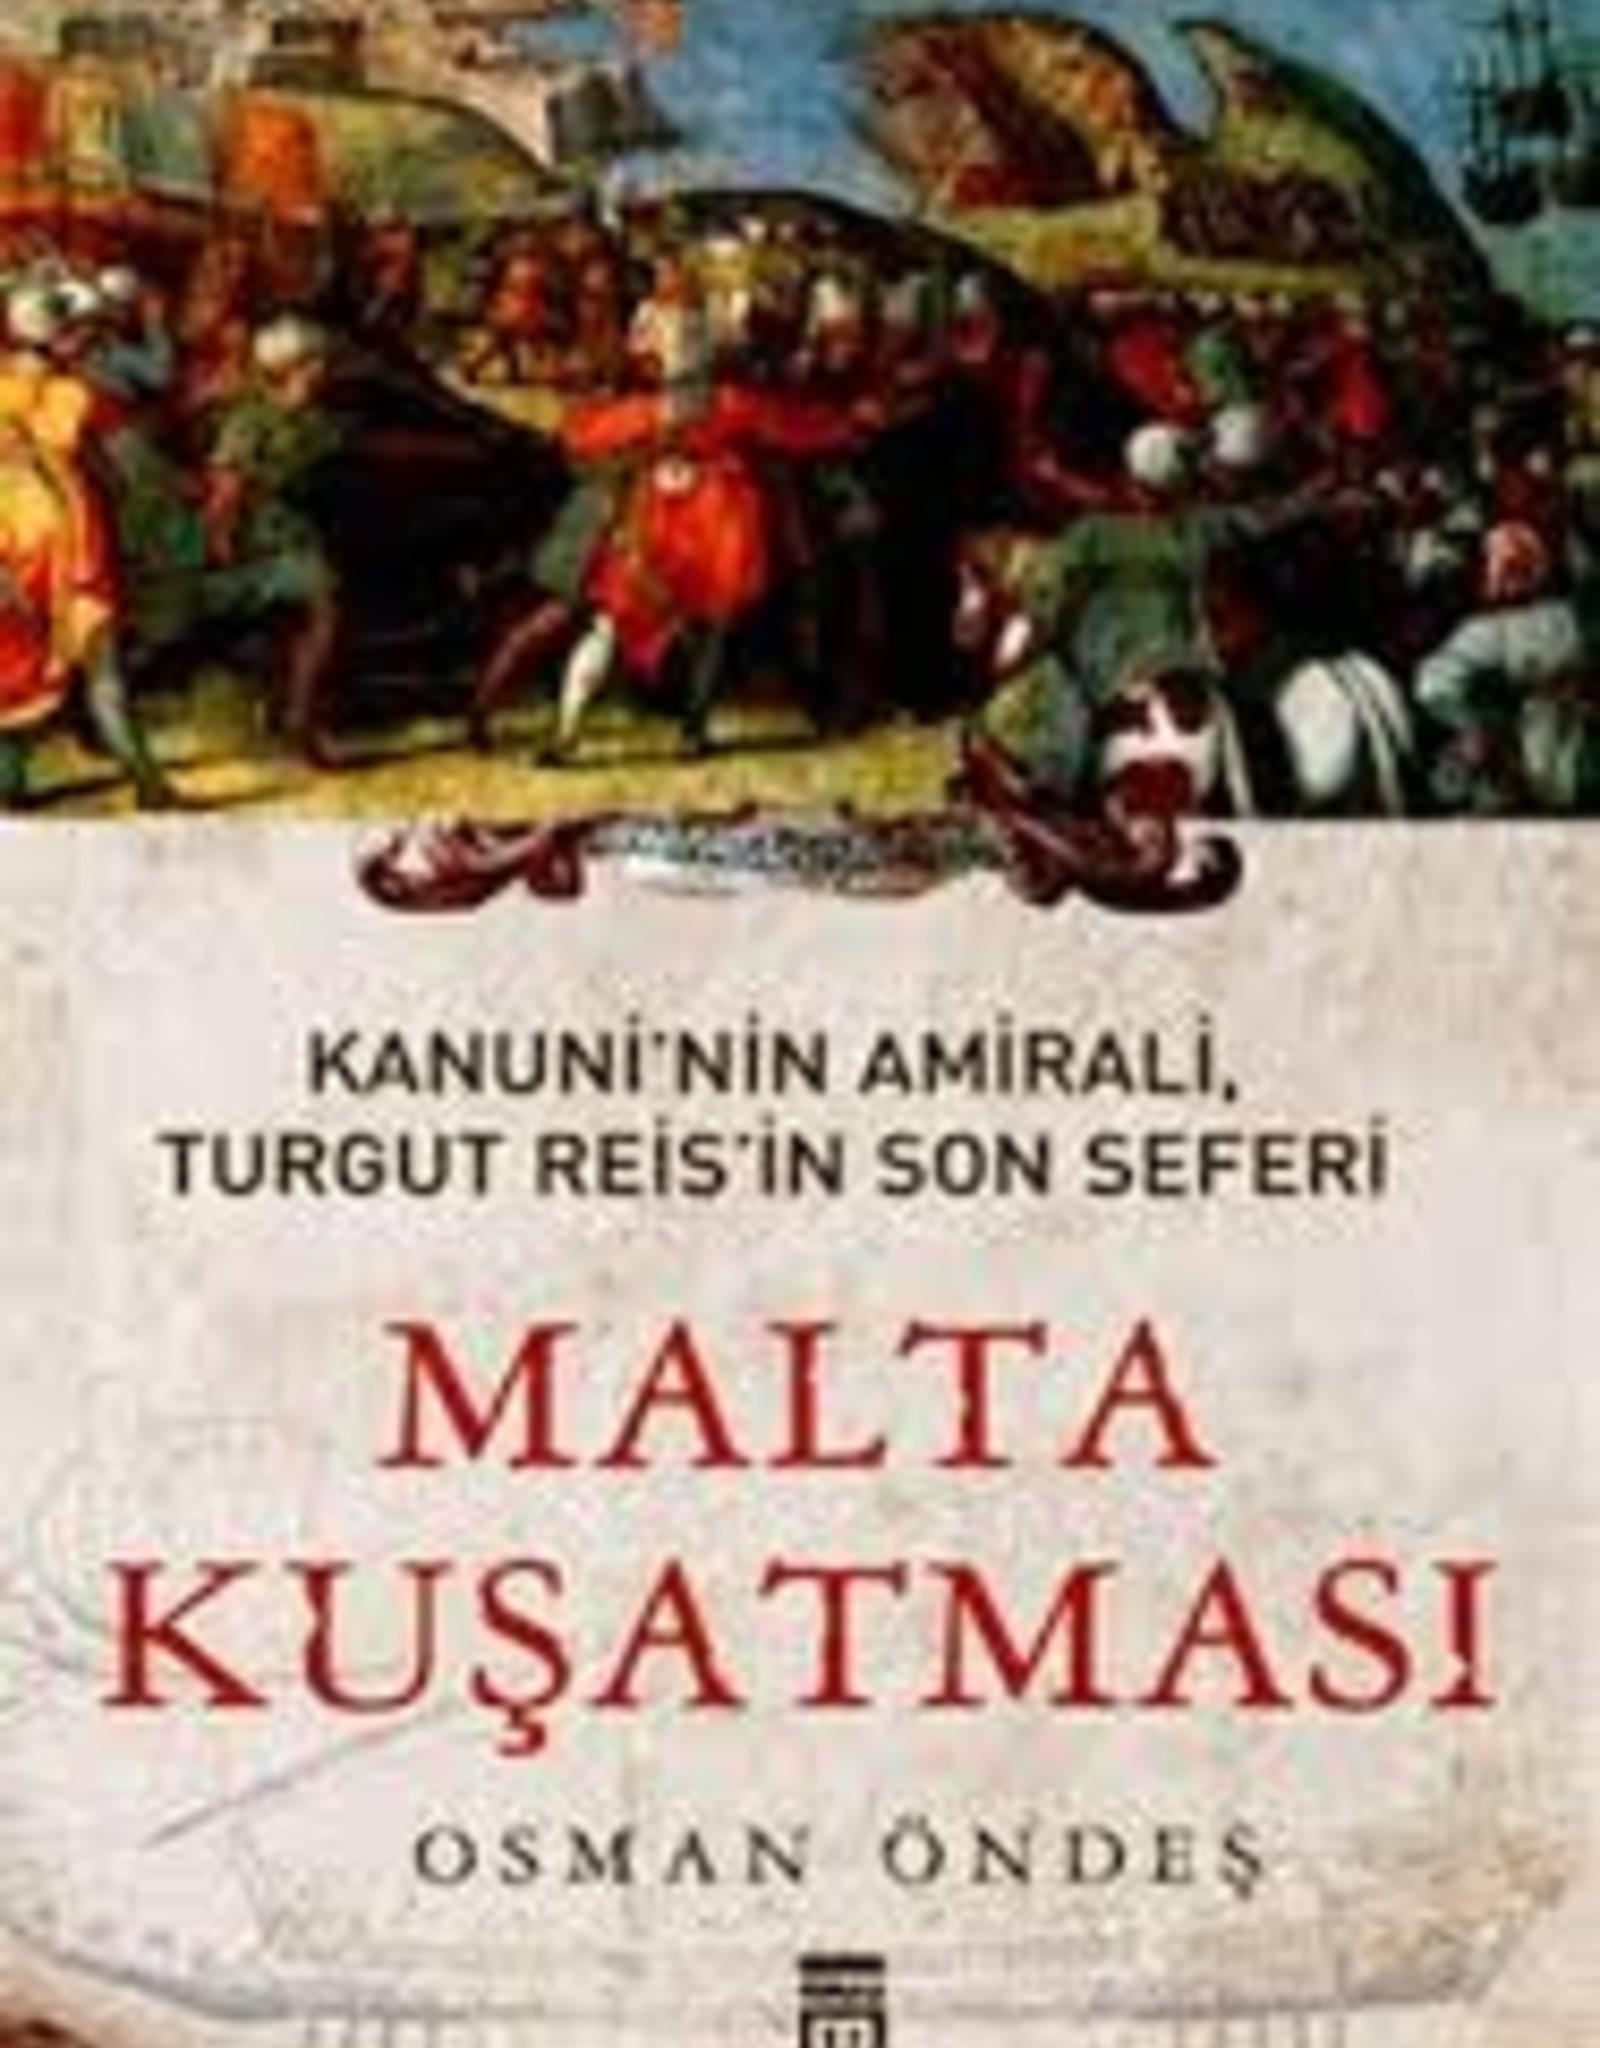 Malta Kuşatması